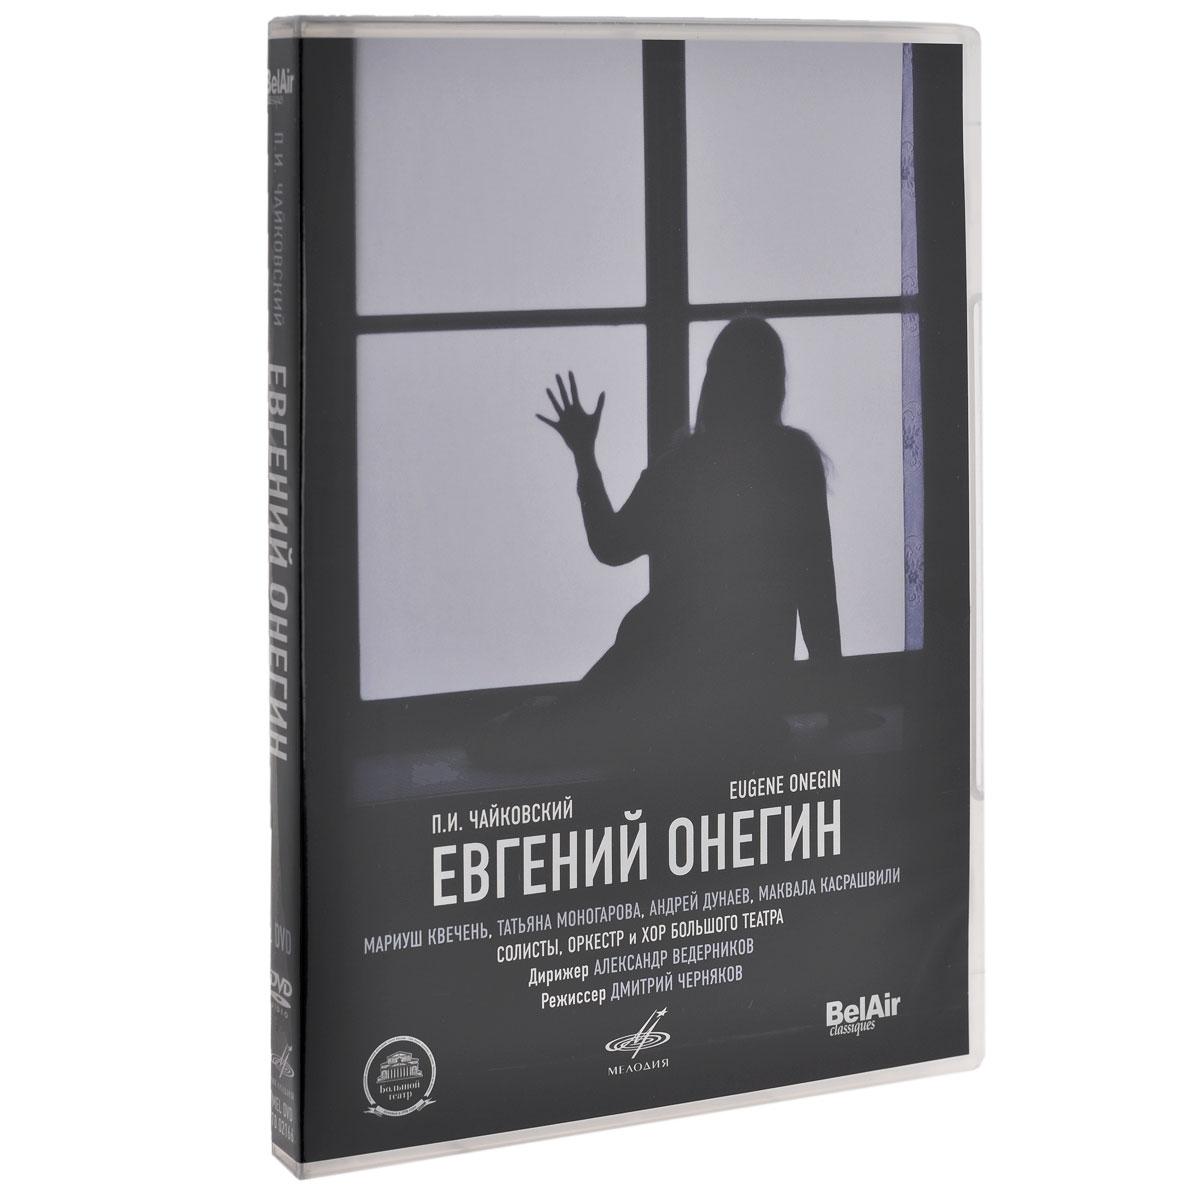 Евгений Онегин (2 DVD)